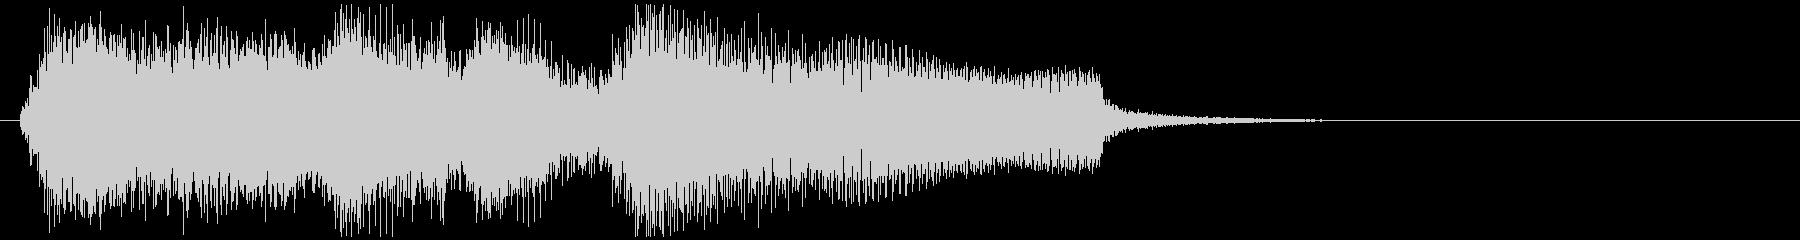 滑らかなサックスの場面転換系サウンドロゴの未再生の波形